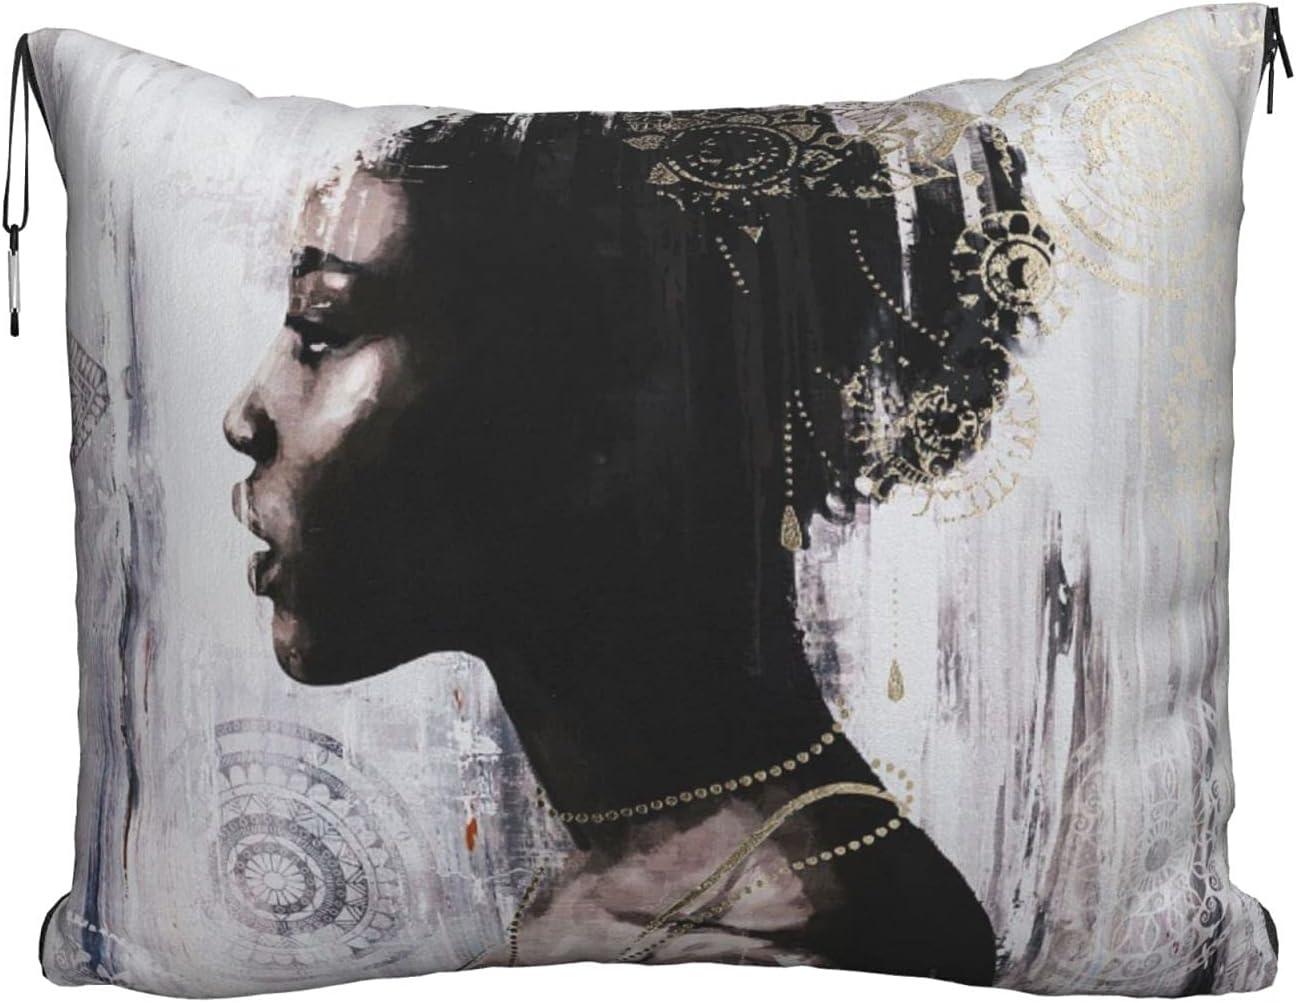 African American Art Printed trust Travel Velvet Blanket Soft Attention brand Pillow